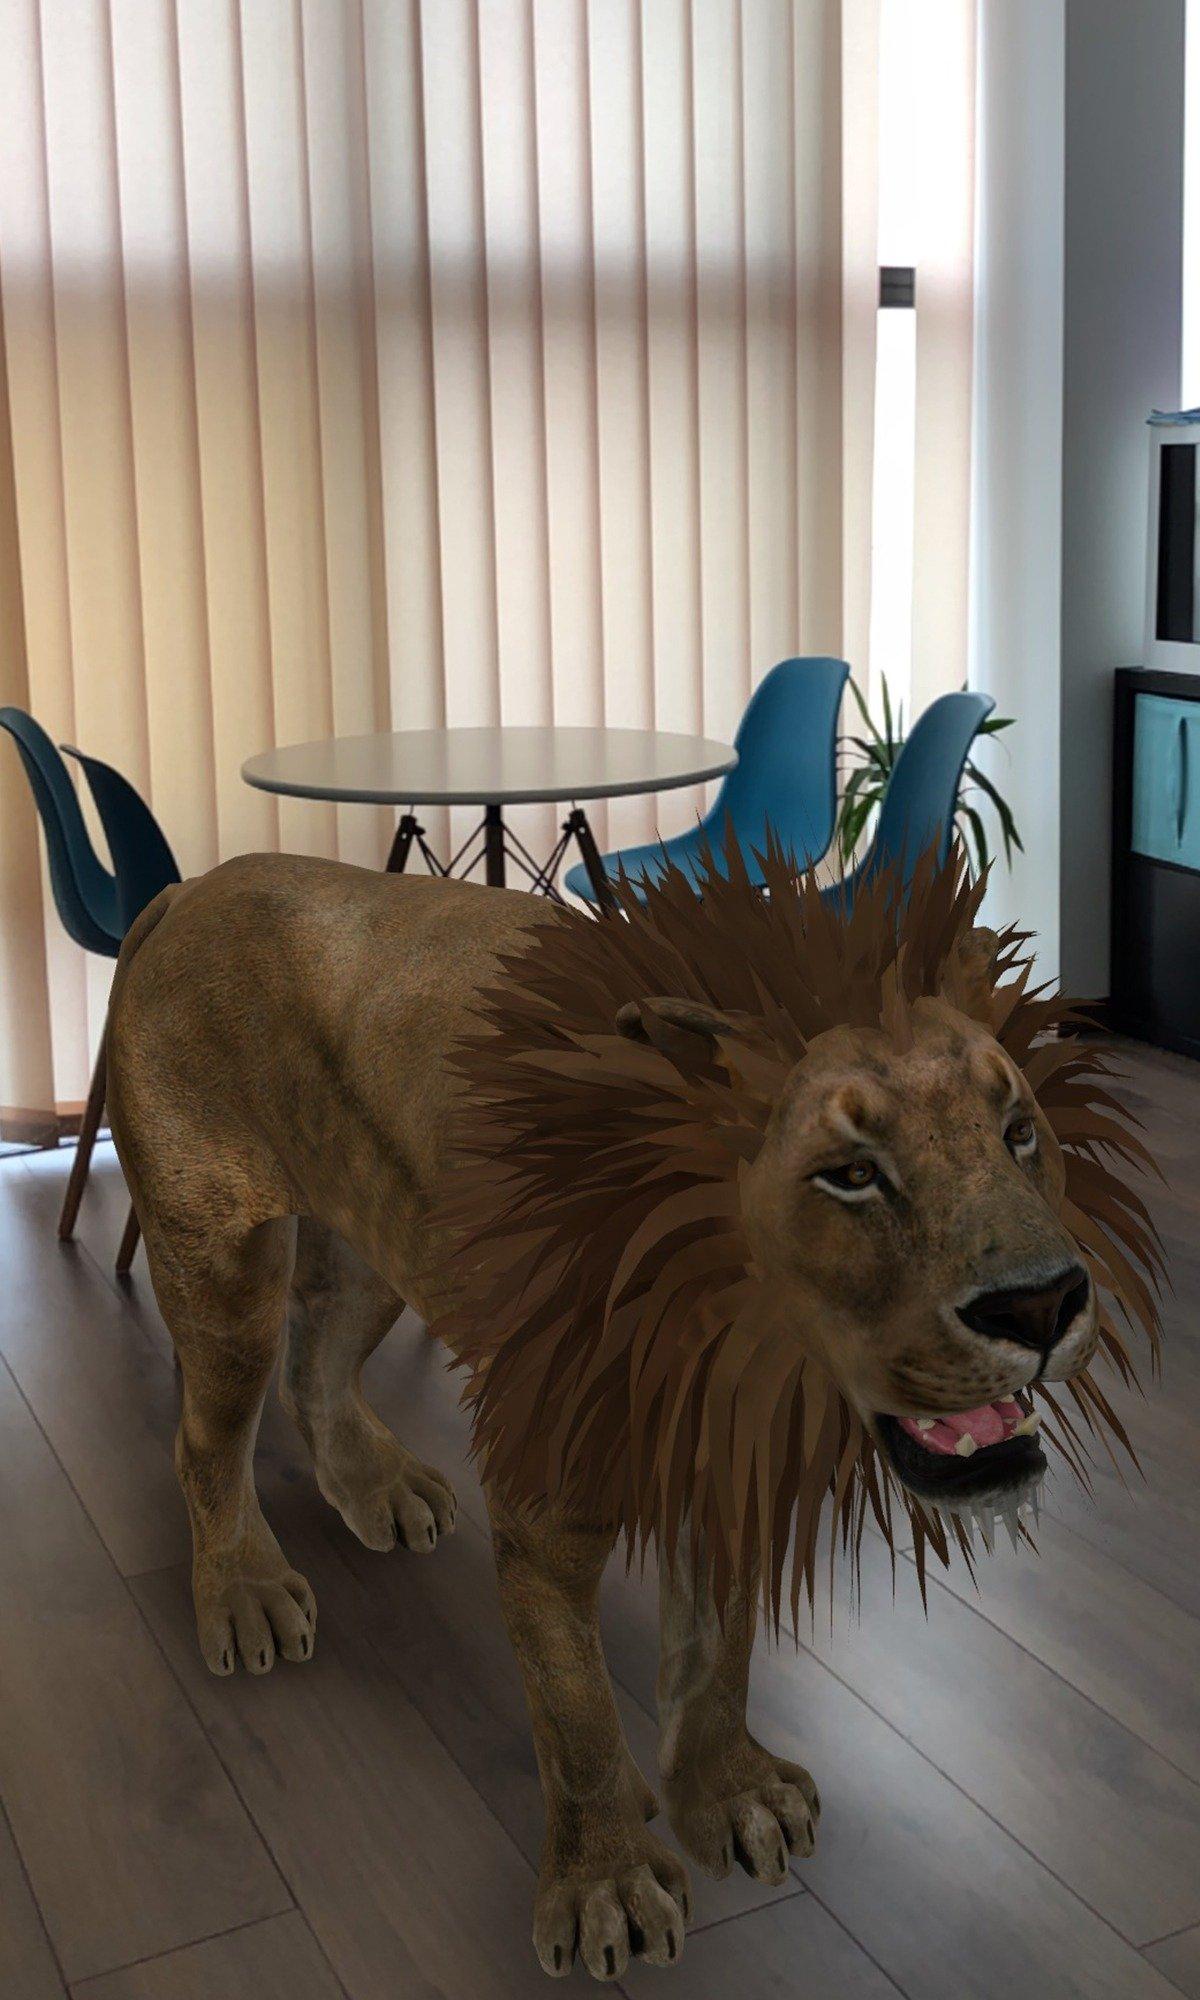 Utilizzo della realtà aumentata con Google Depth e un leone in realtà aumentata